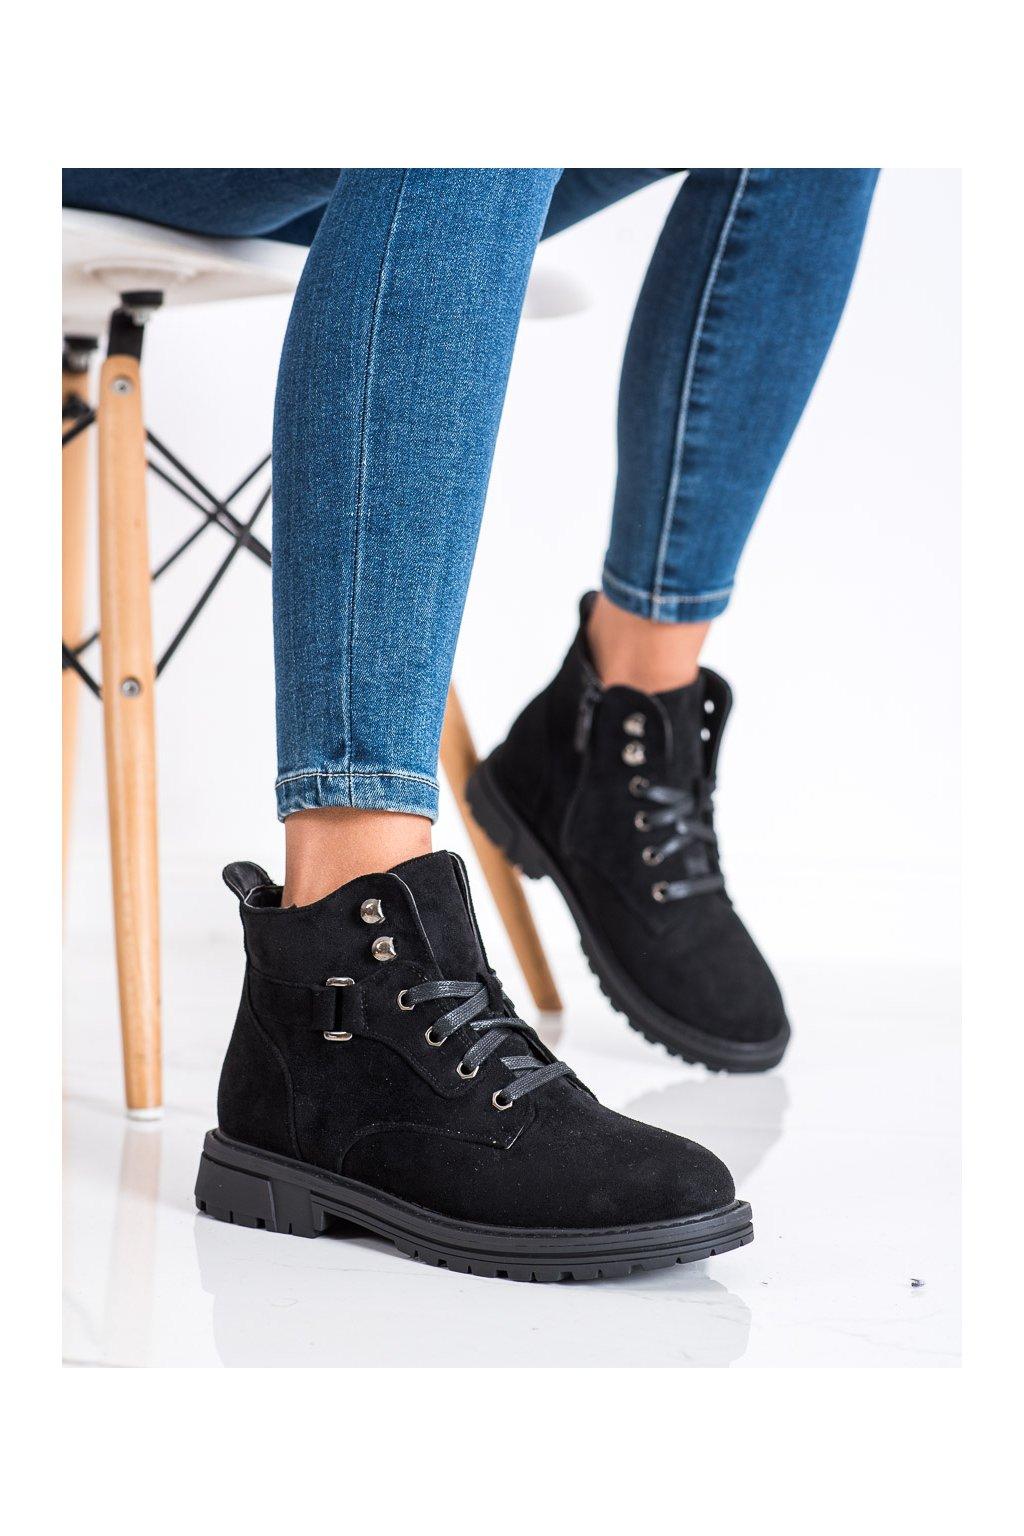 Čierne dámske topánky Shelovet kod F5079B